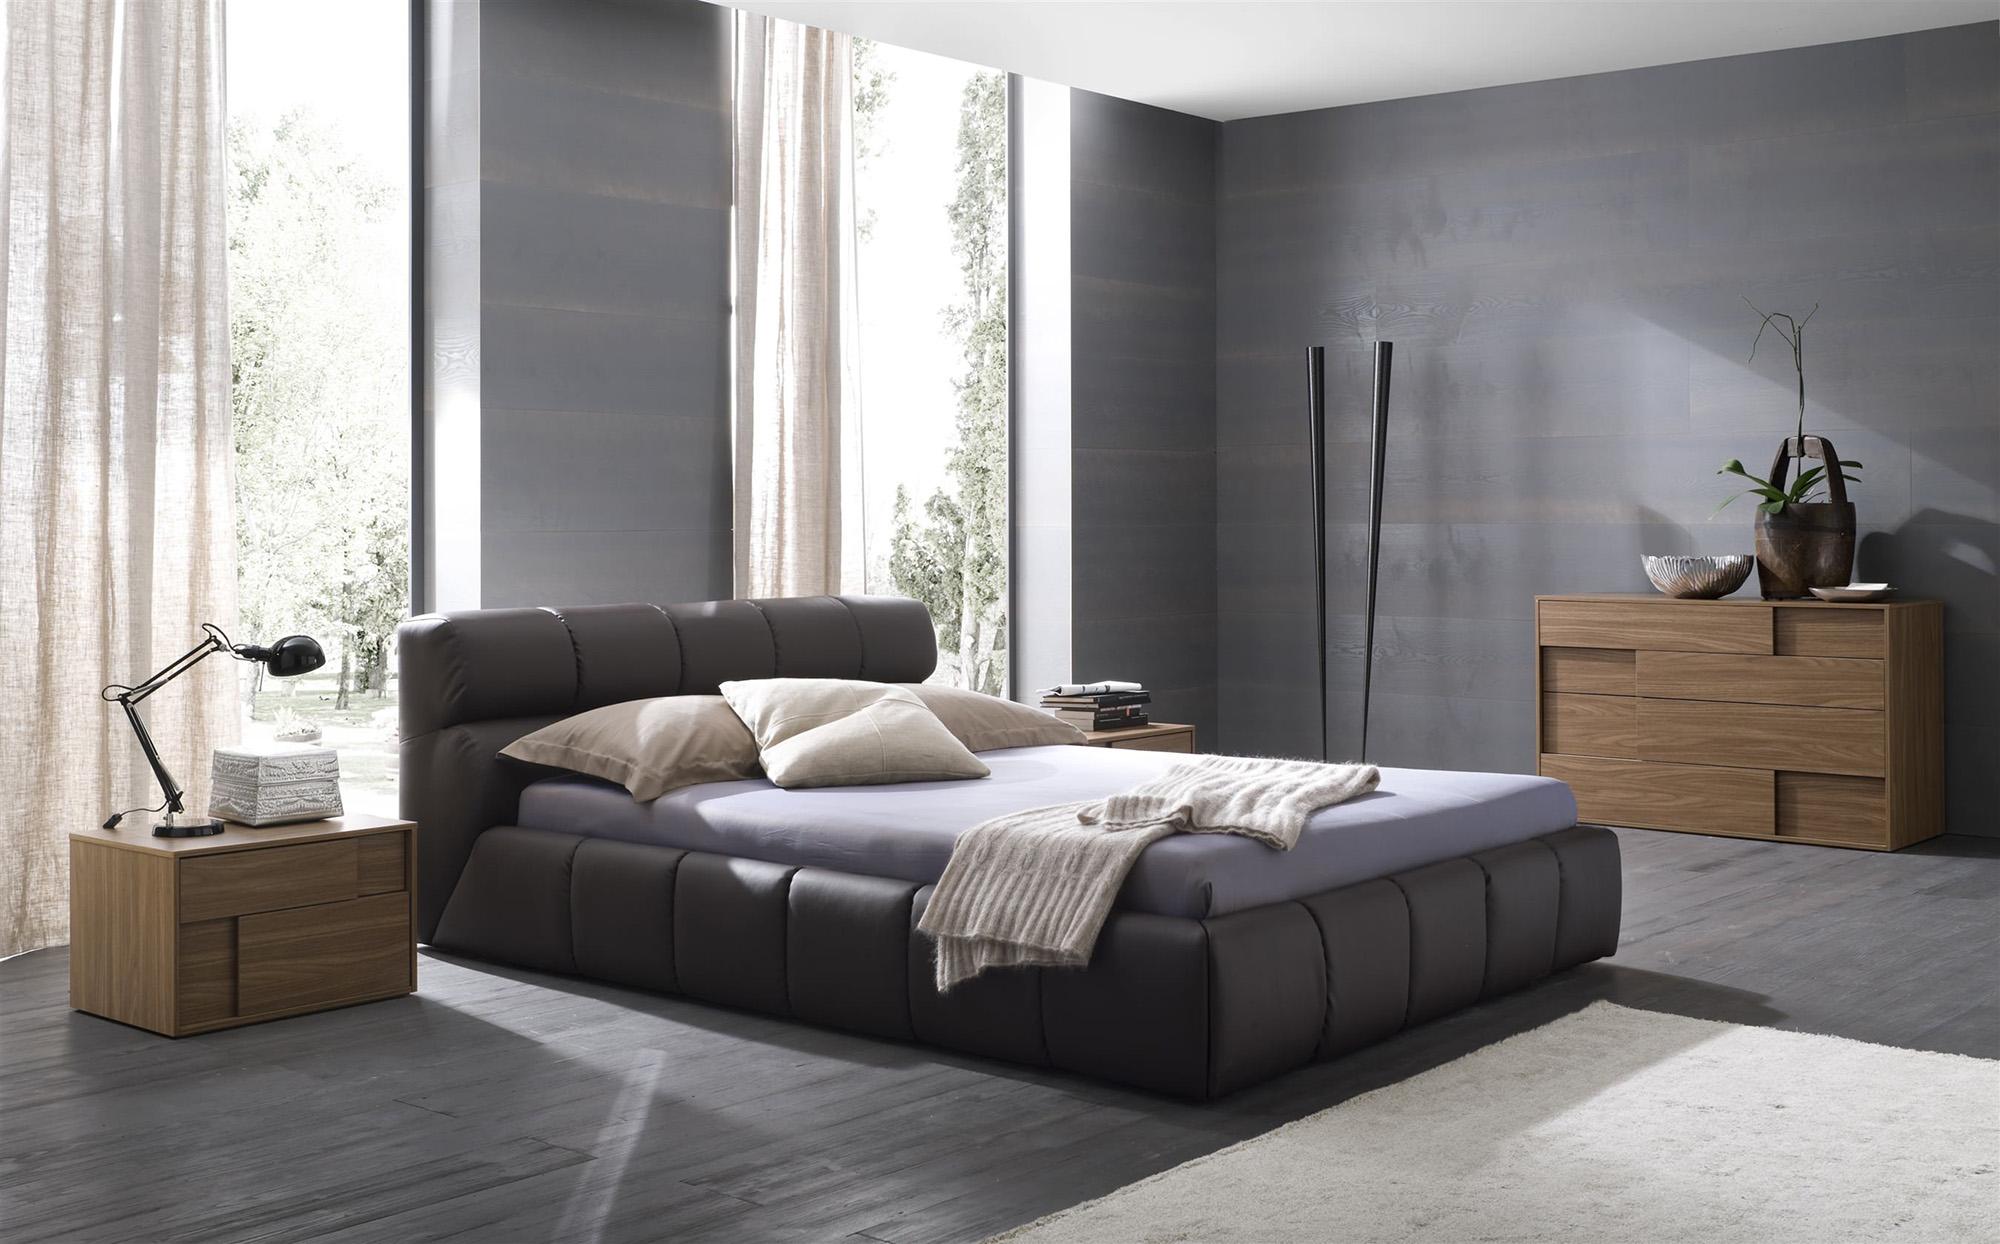 Коричневая и черная мебель в стиле модерн в спальне